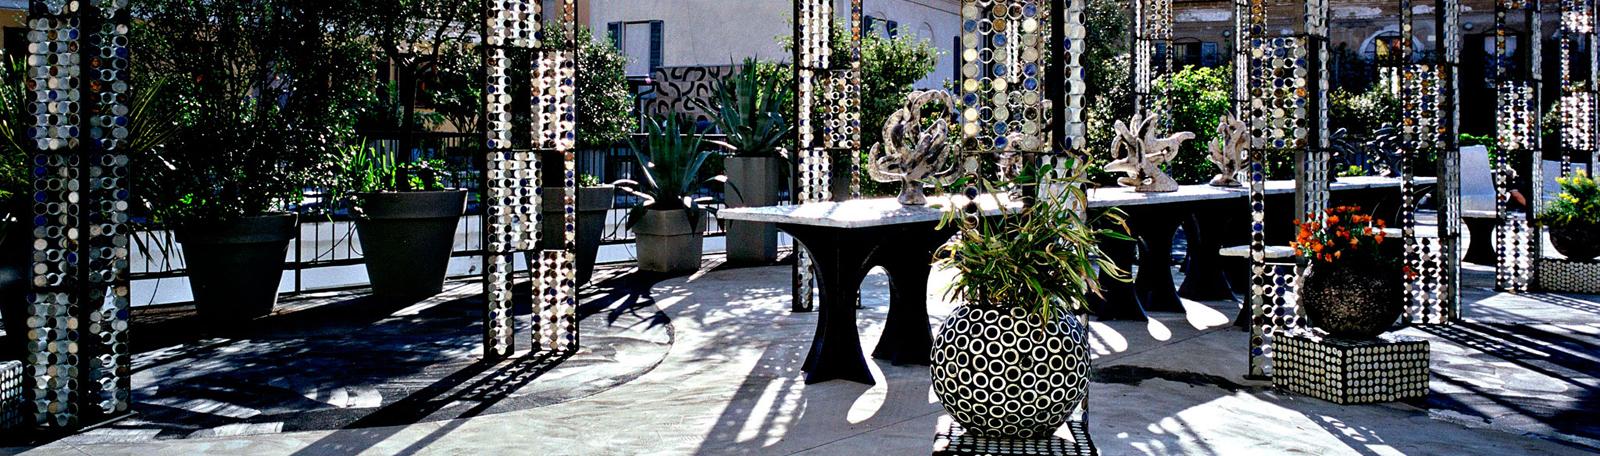 terrace_corso como